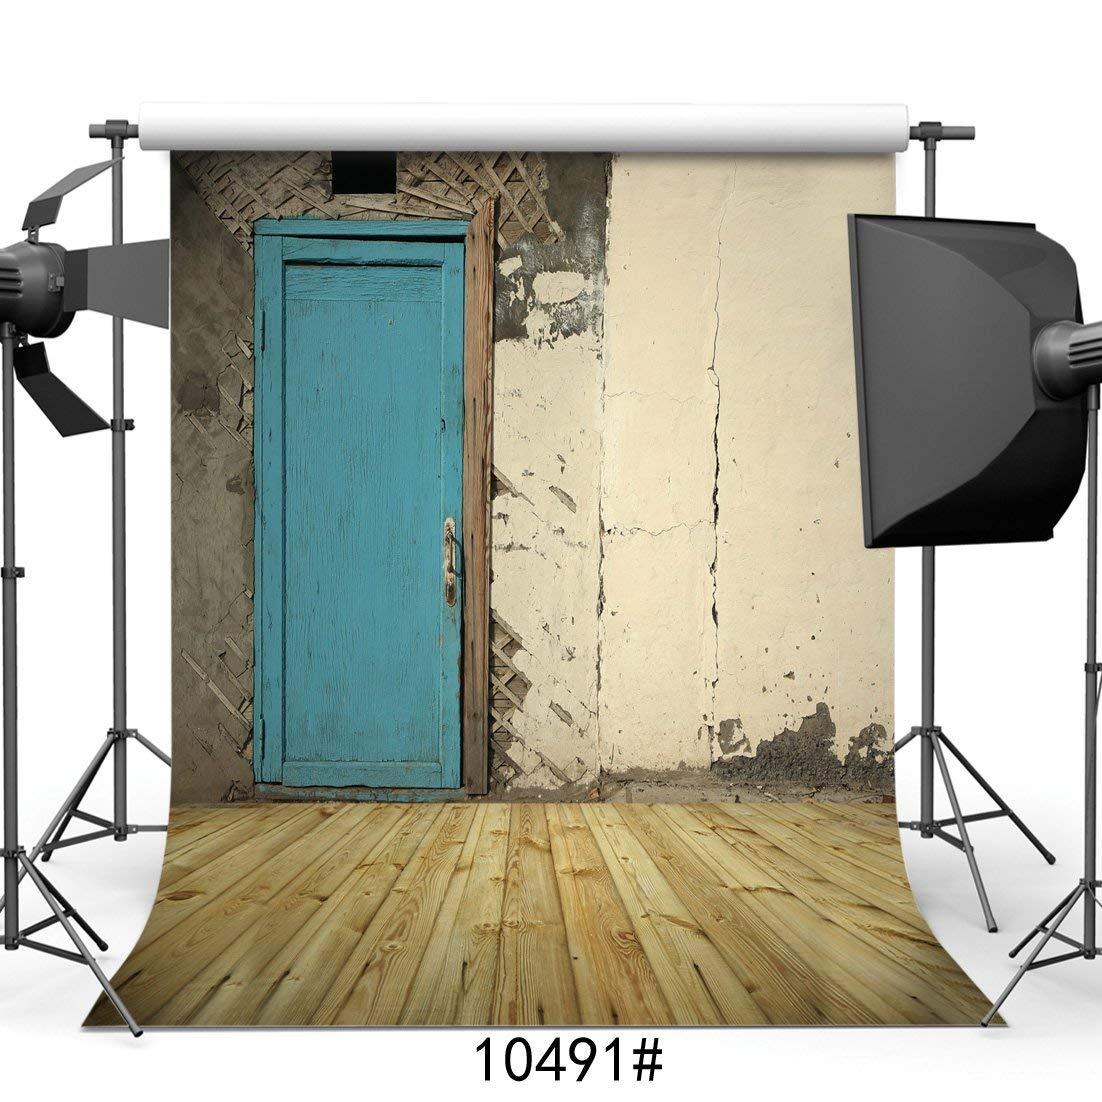 SZZWY 10X10フィート レトロ レンガ 壁 古いドア 写真 背景 写真 背景幕 子供用 スタジオ小道具 10491   B07L5PBW4N